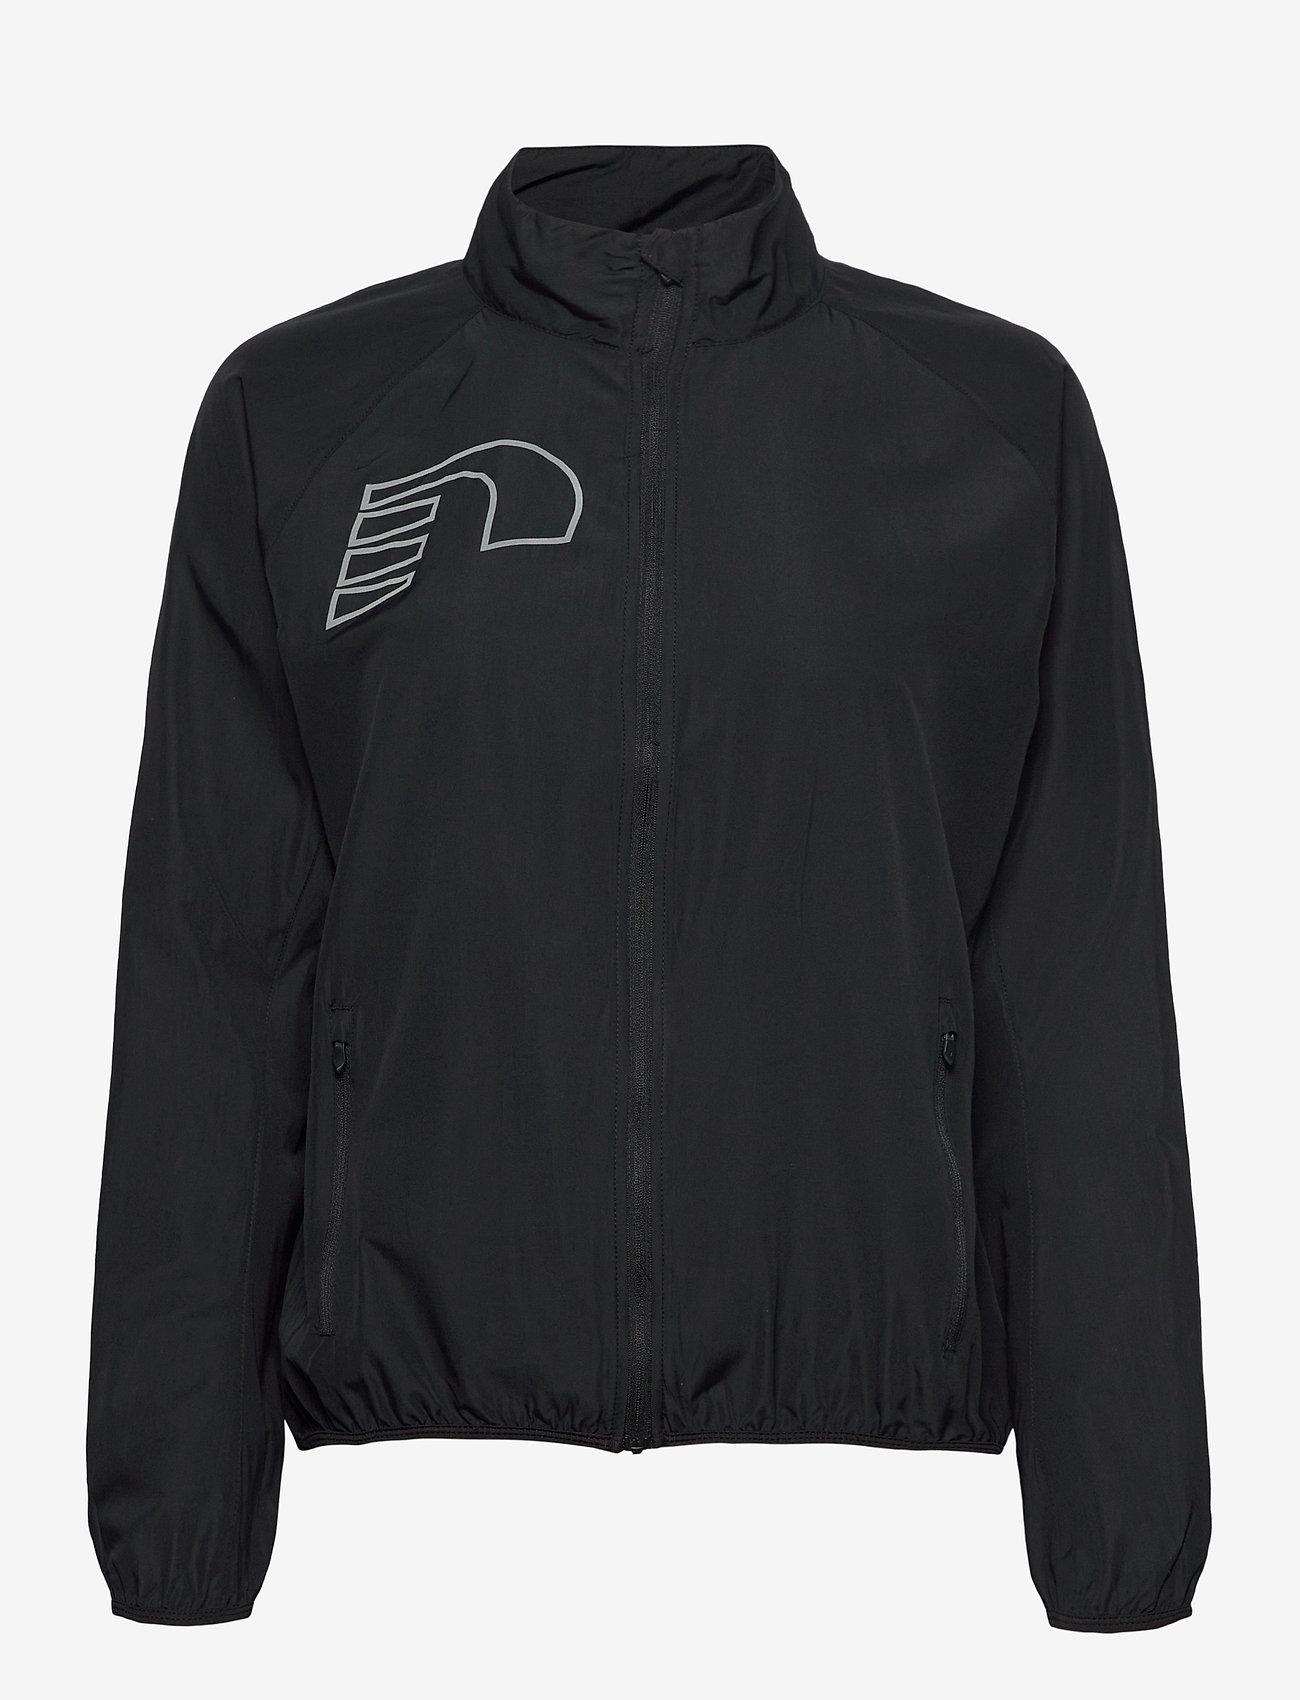 Newline - CORE JACKET - vestes d'entraînement - black - 1